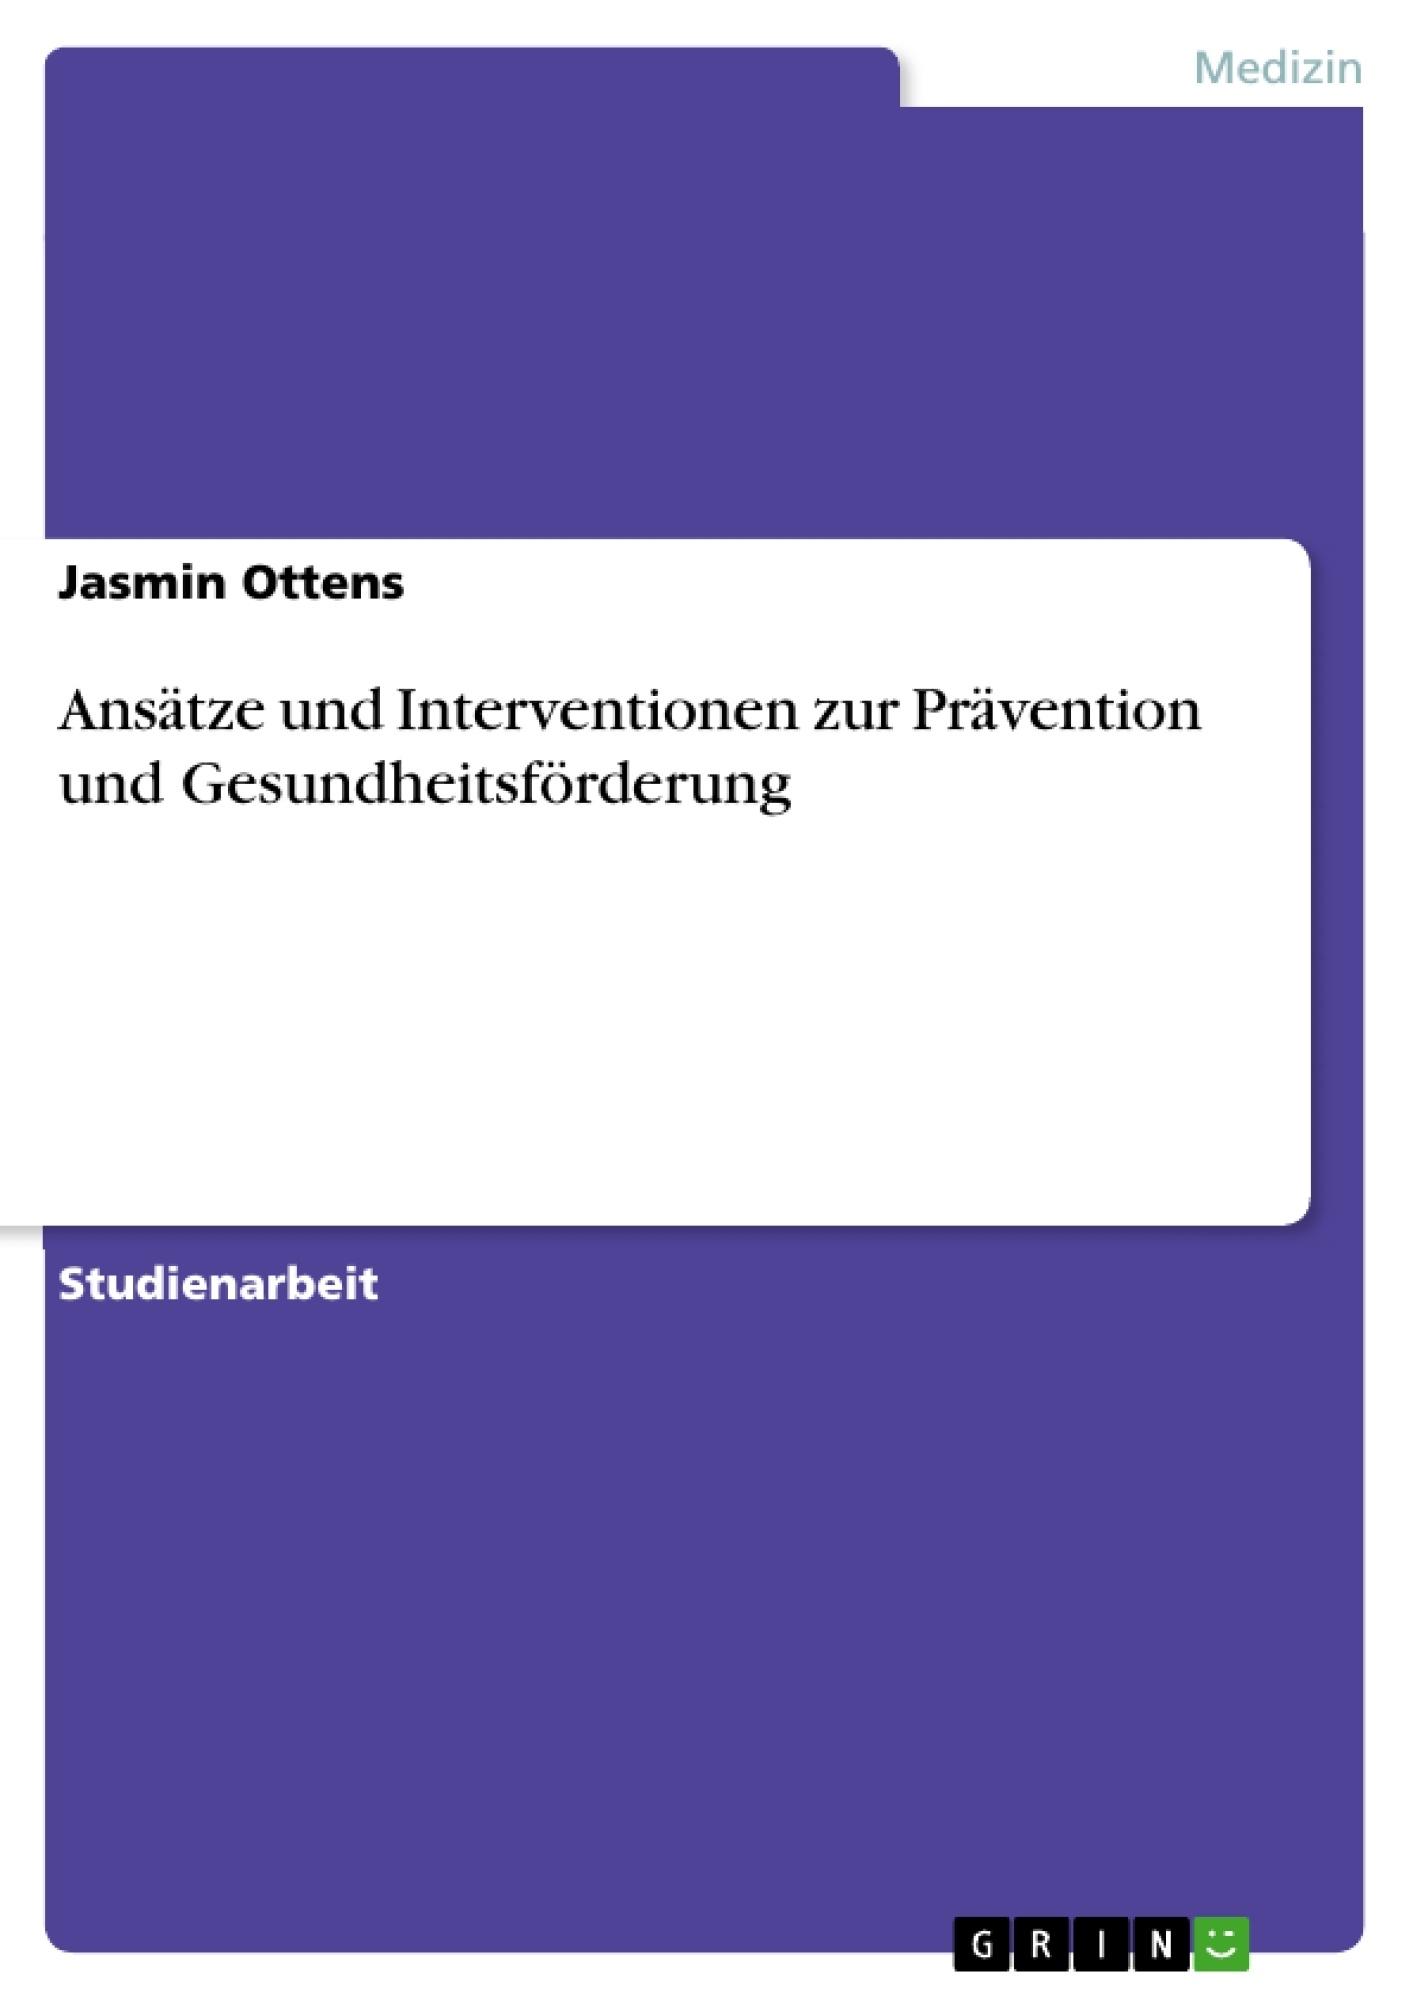 Titel: Ansätze und Interventionen zur Prävention und Gesundheitsförderung